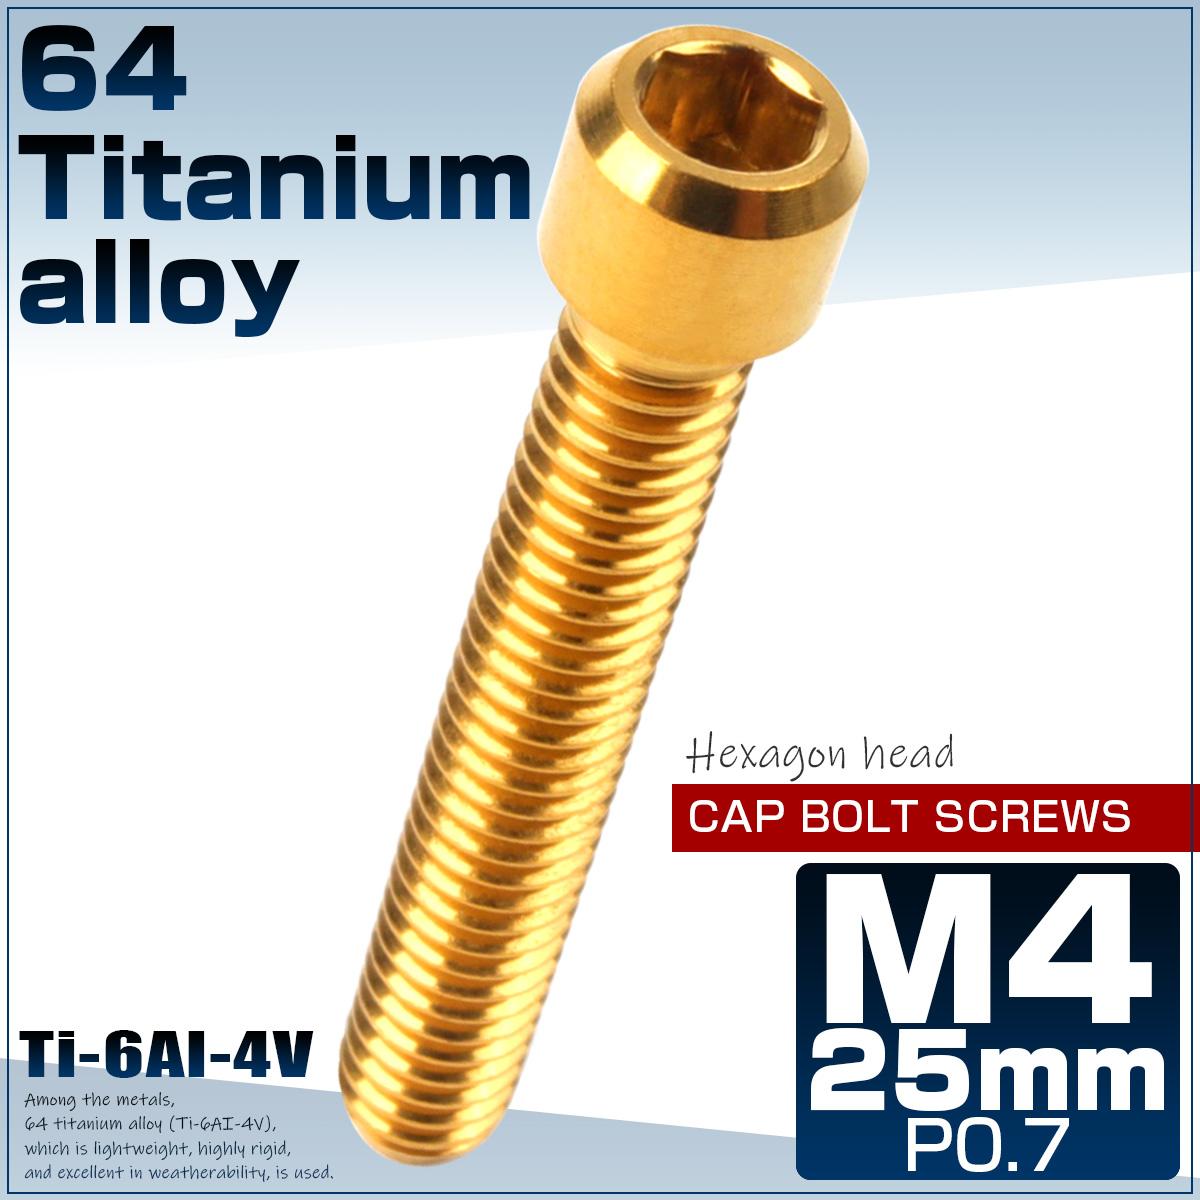 【ネコポス可】64チタン キャップボルト M4×25mm P0.7 六角穴 ディレーラー調整ボルト ゴールド JA688